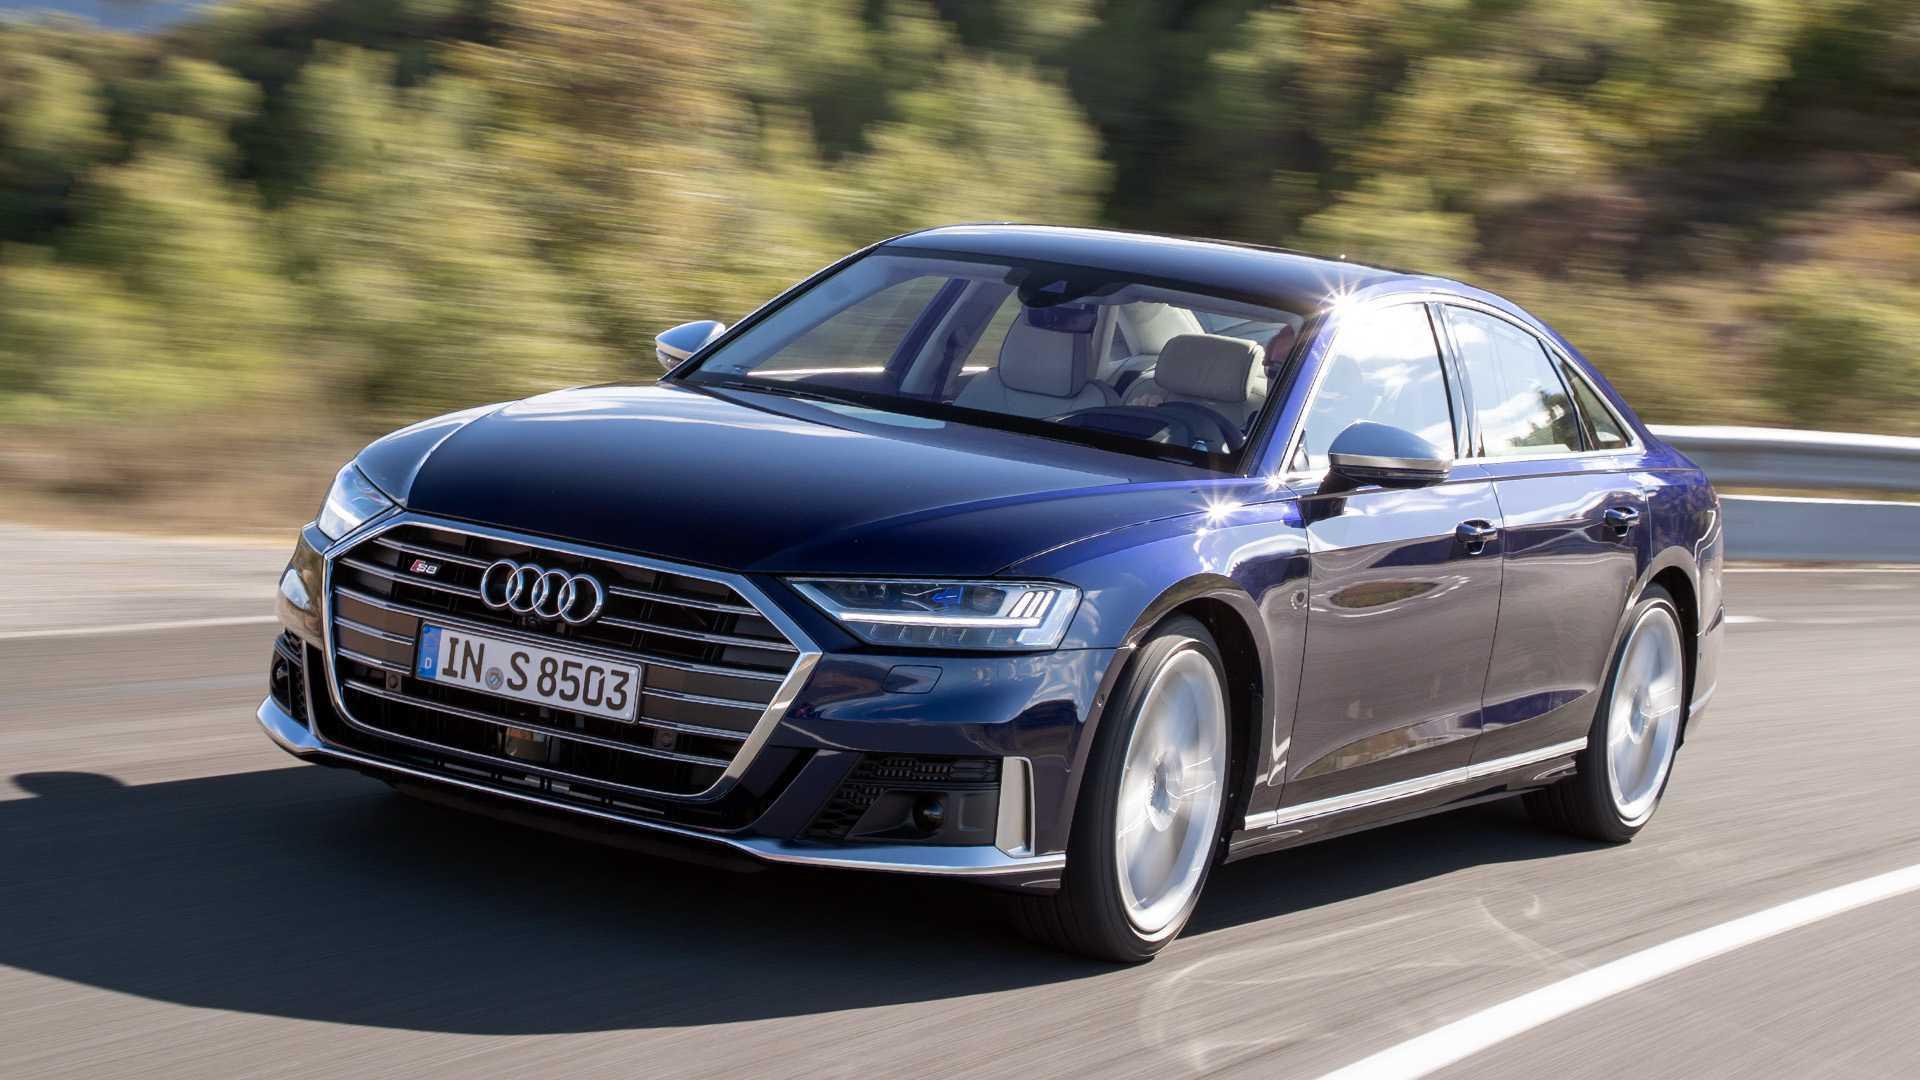 Kekurangan Audi S8 2019 Top Model Tahun Ini